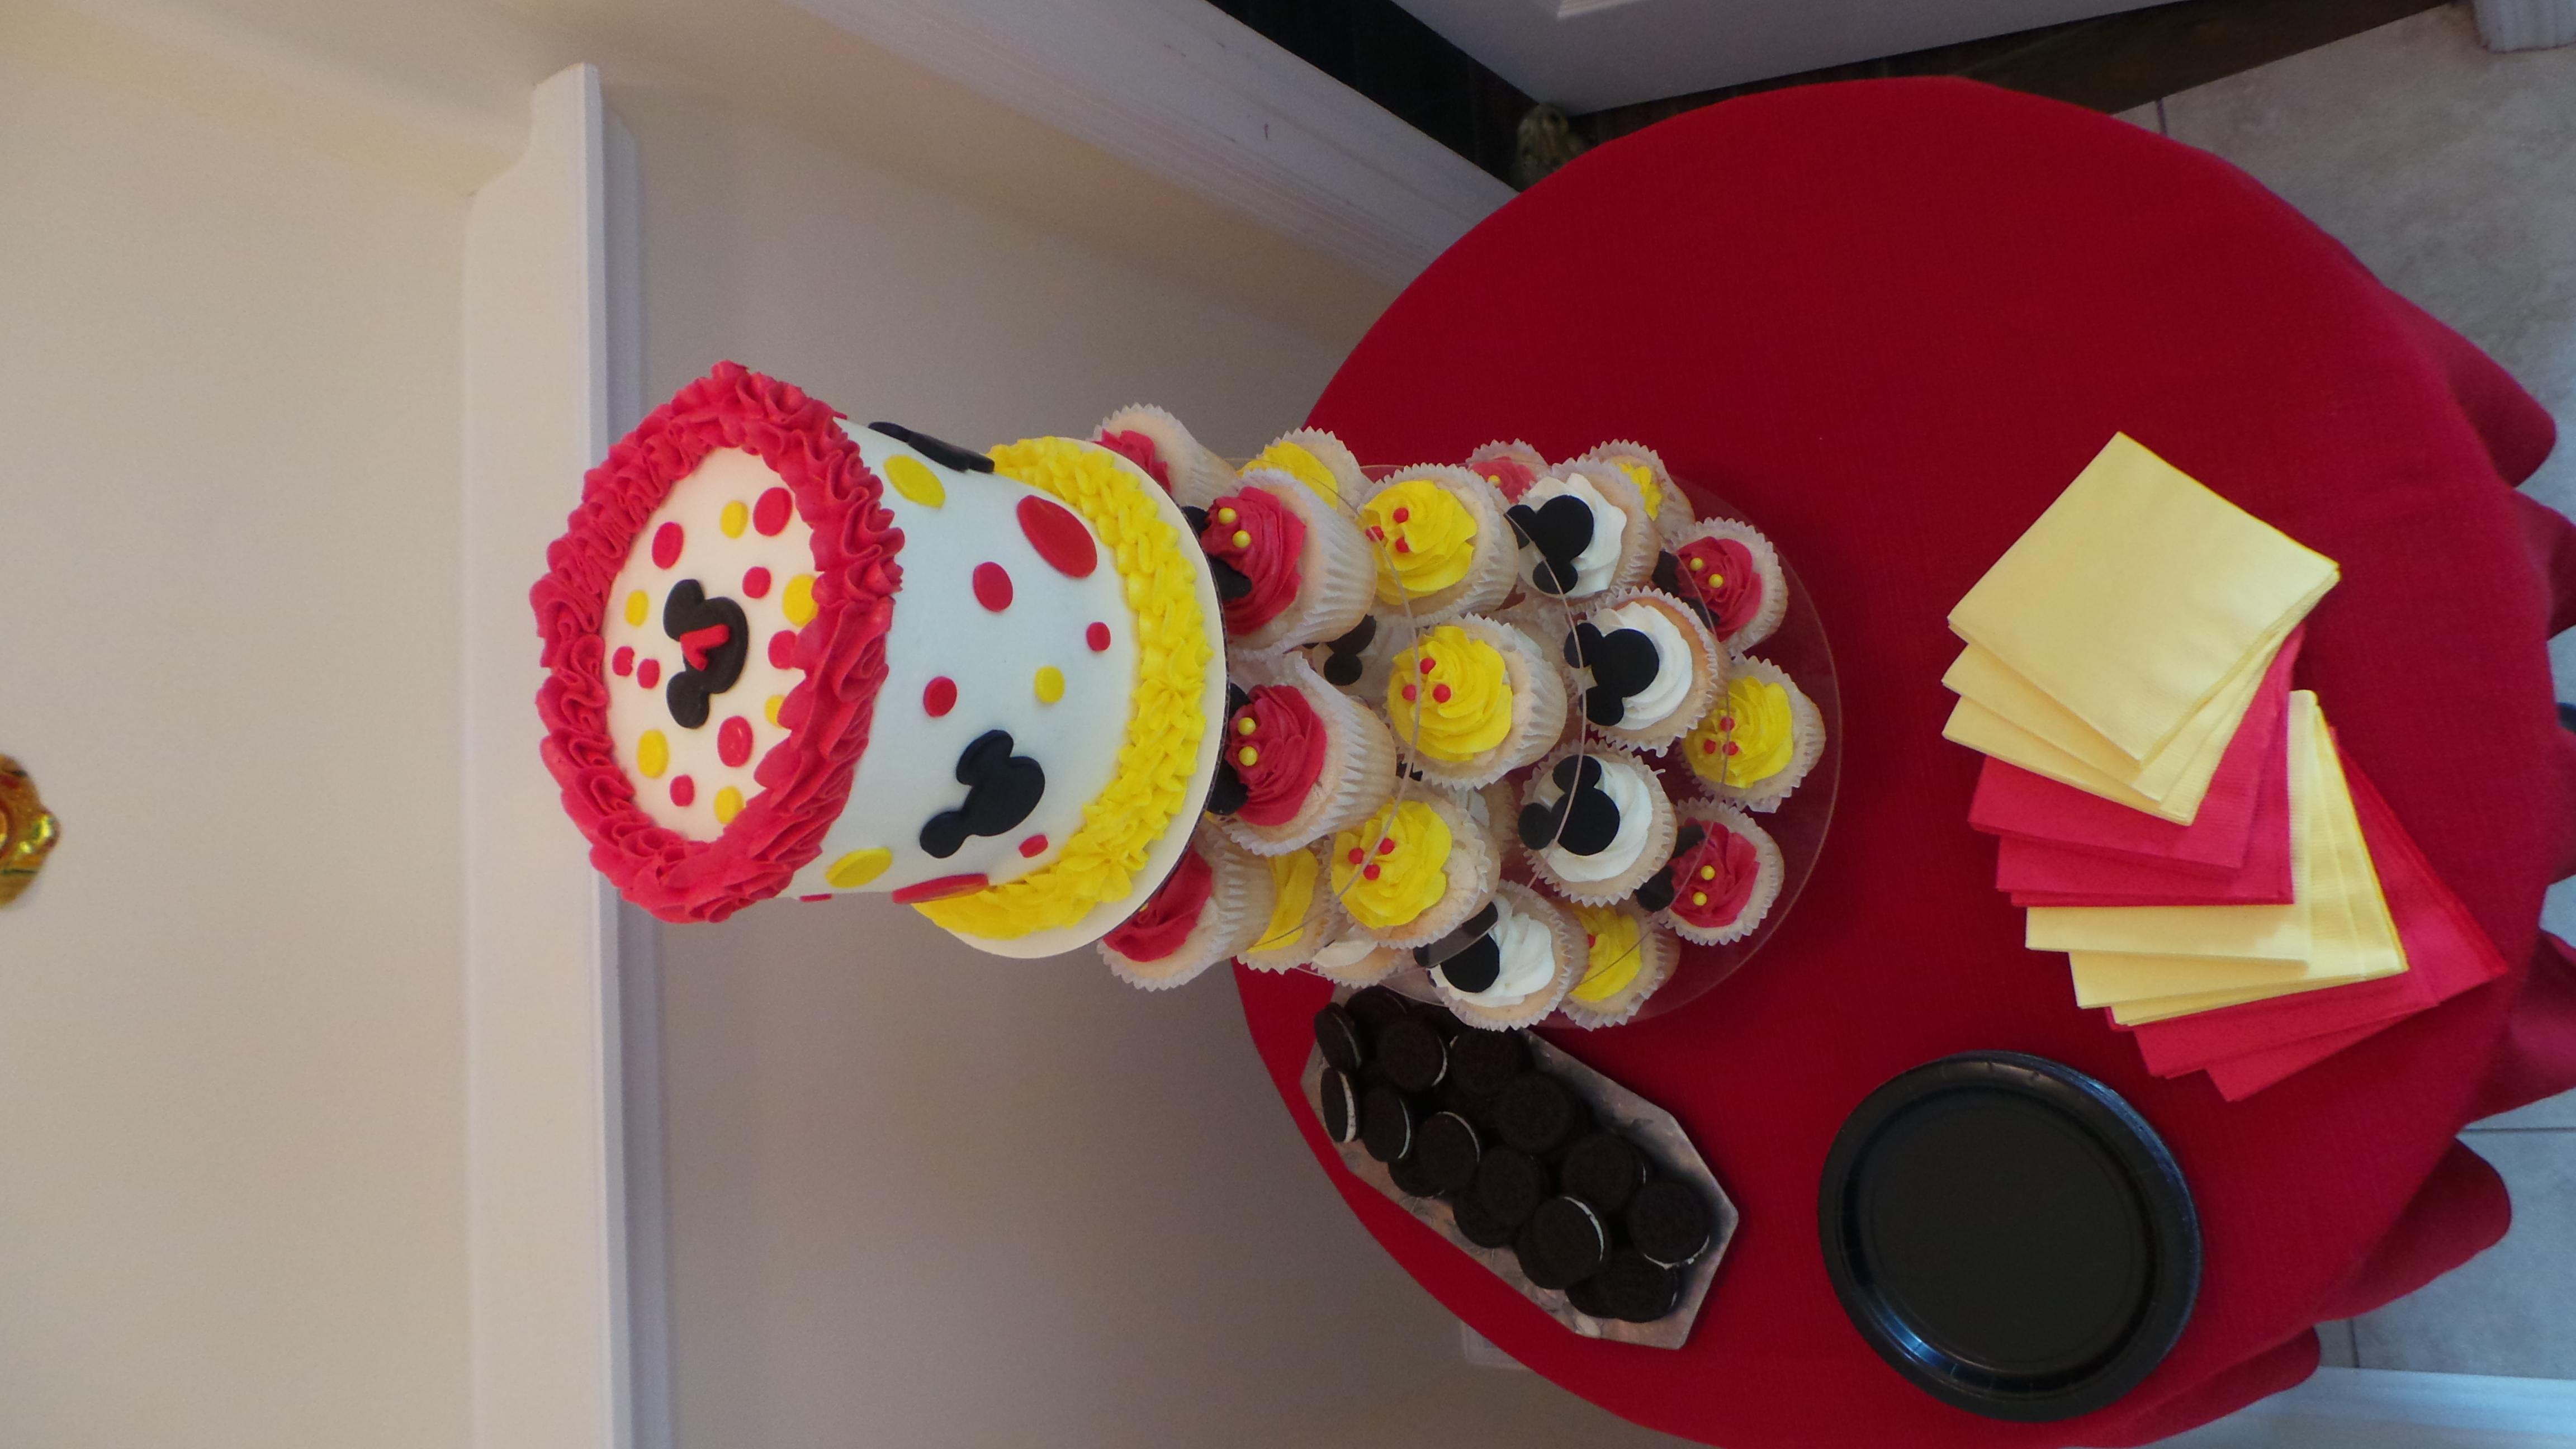 Mickey Smash cake and cupcakes